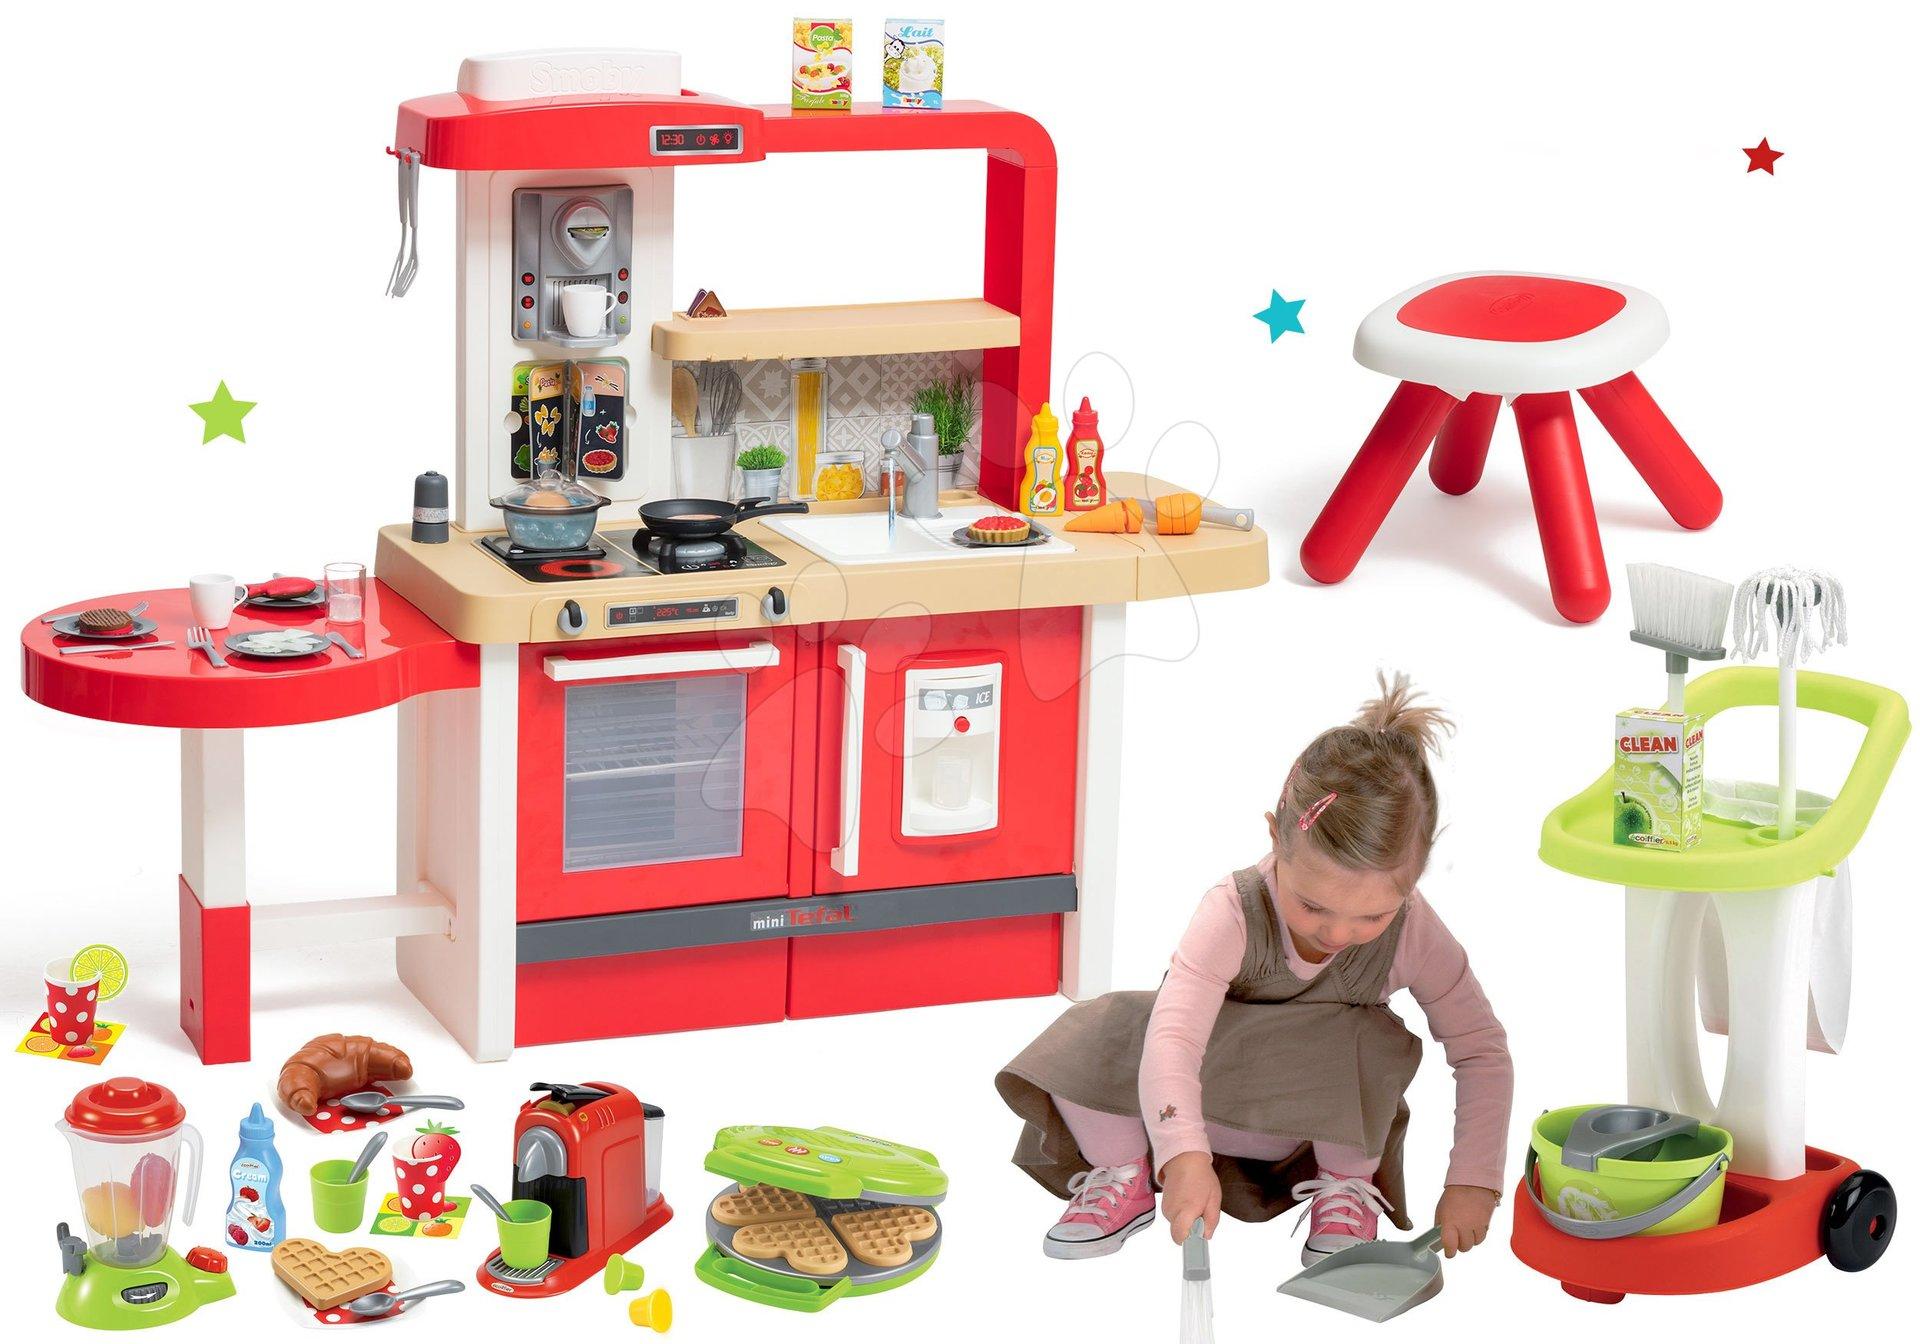 Elektronické kuchynky - Set kuchynka rastúca s tečúcou vodou Tefal Evolutive Grand Chef Smoby a upratovací vozík s vedrom a vaflovač so spotrebičmi a vaflami